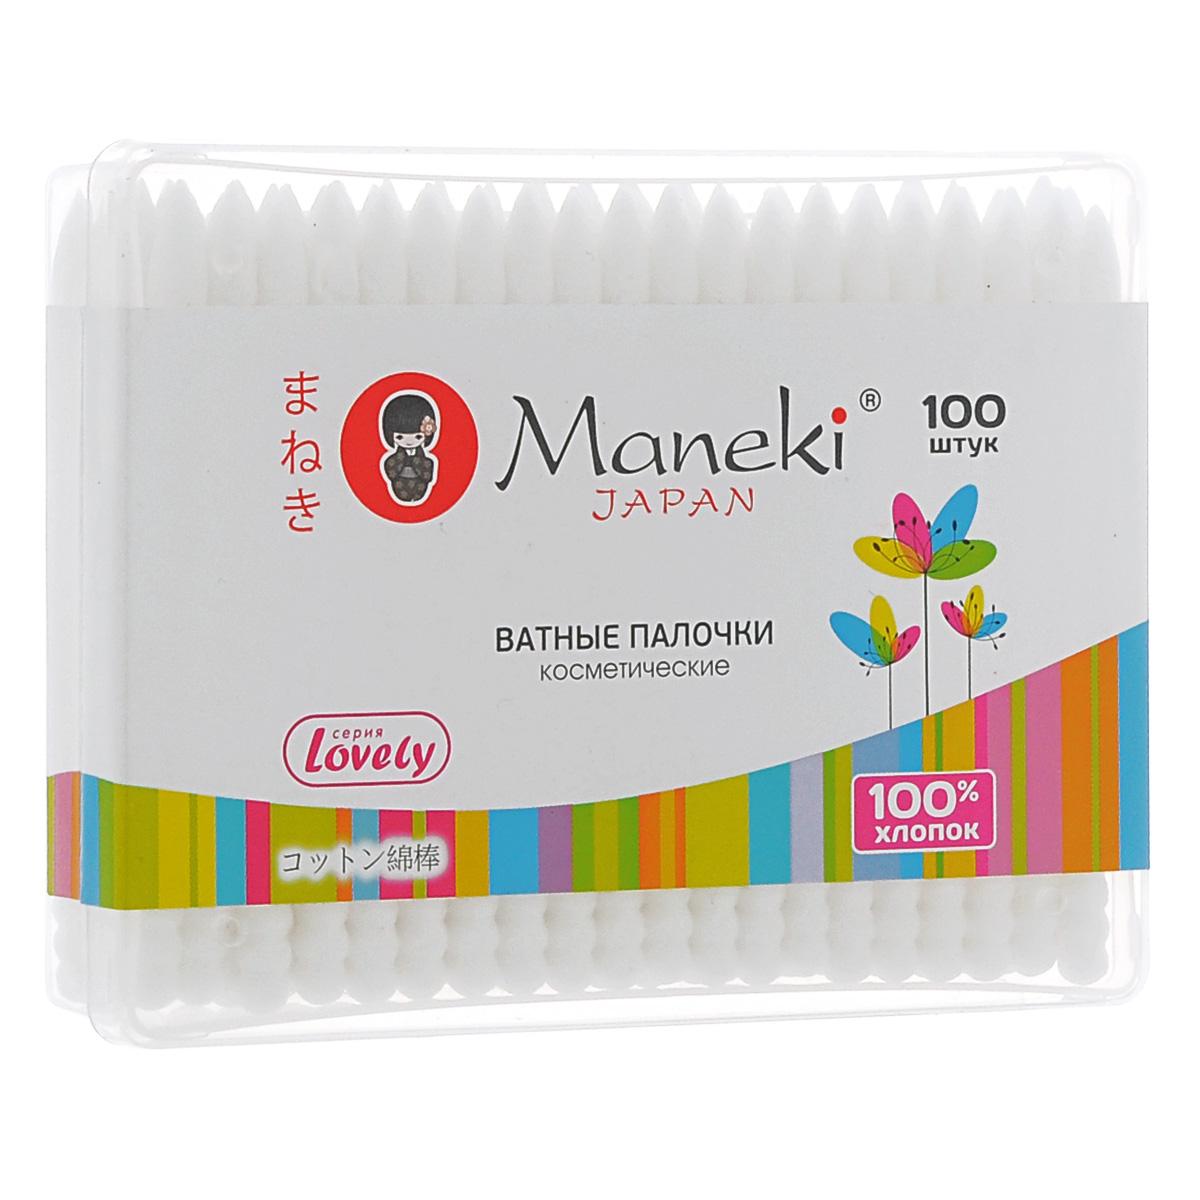 Maneki Палочки ватные косметические Lovely, с белым пластиковым стиком, 100 шт.CB1125Палочки ватные гигиенические в пластиковой коробочке с надежной фиксацией аппликатора. Идеально подходят для гигиенических и косметических целей. У палочек два аппликатора: спиралевидный и заостренный. Оригинальный дизайн упаковки, в упаковке 100 палочек из 100% хлопка. Упаковка с zip-замком.